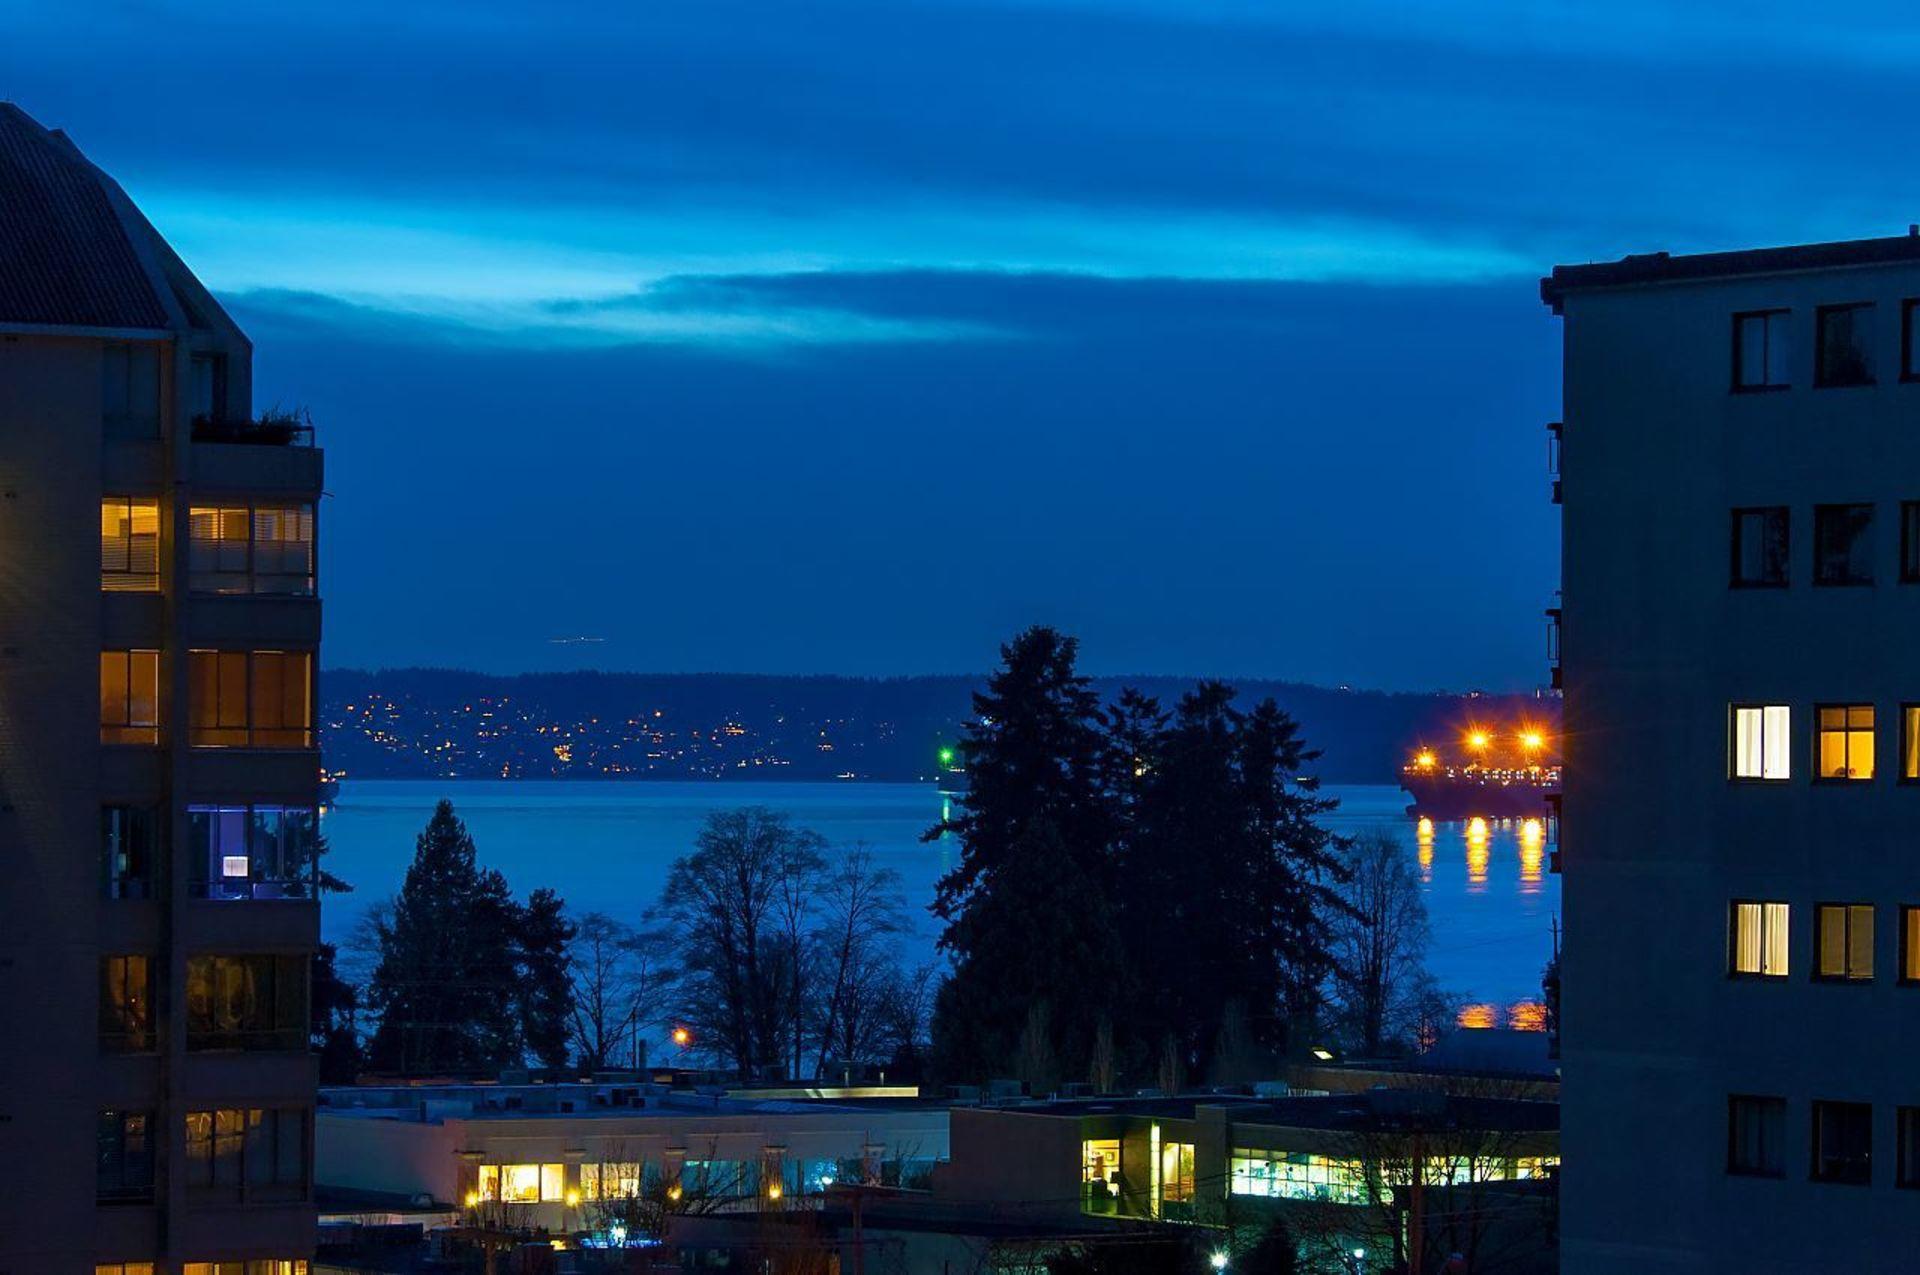 1425-esquimalt-avenue-ambleside-west-vancouver-14 at 505 - 1425 Esquimalt Avenue, Ambleside, West Vancouver